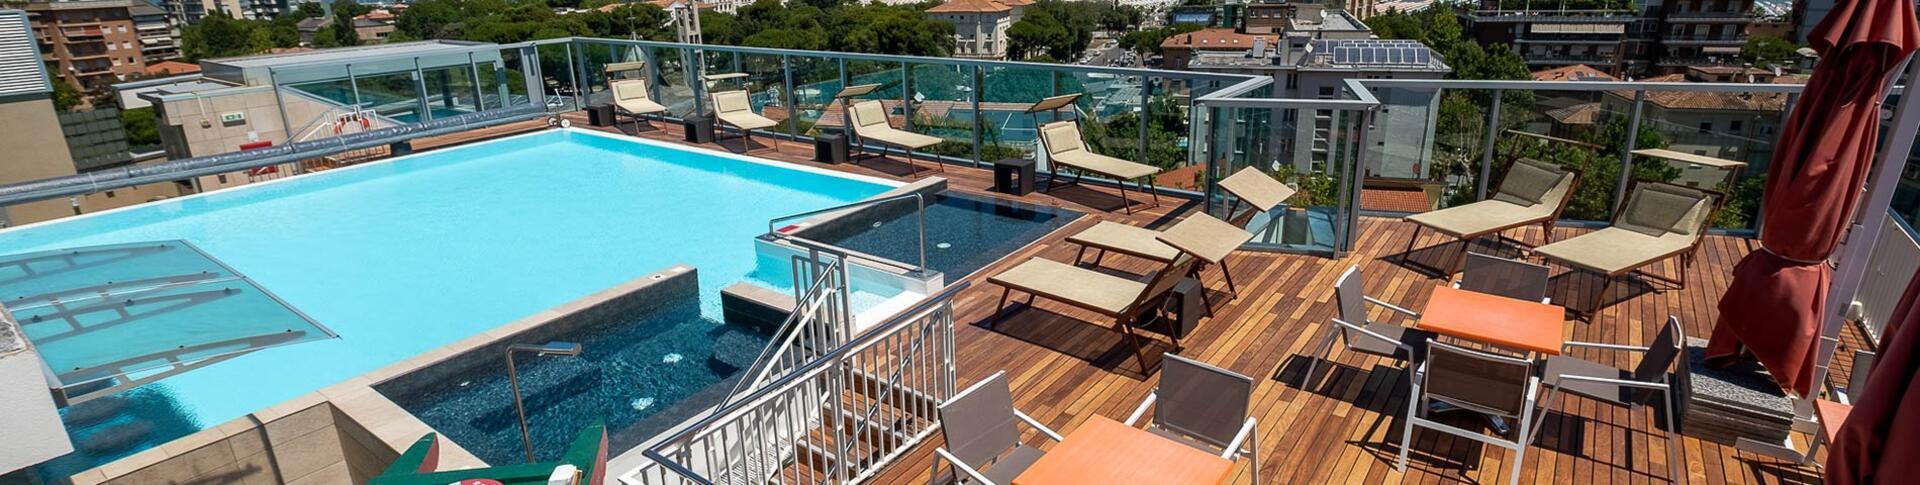 ariahotel en hotel-with-pool 015